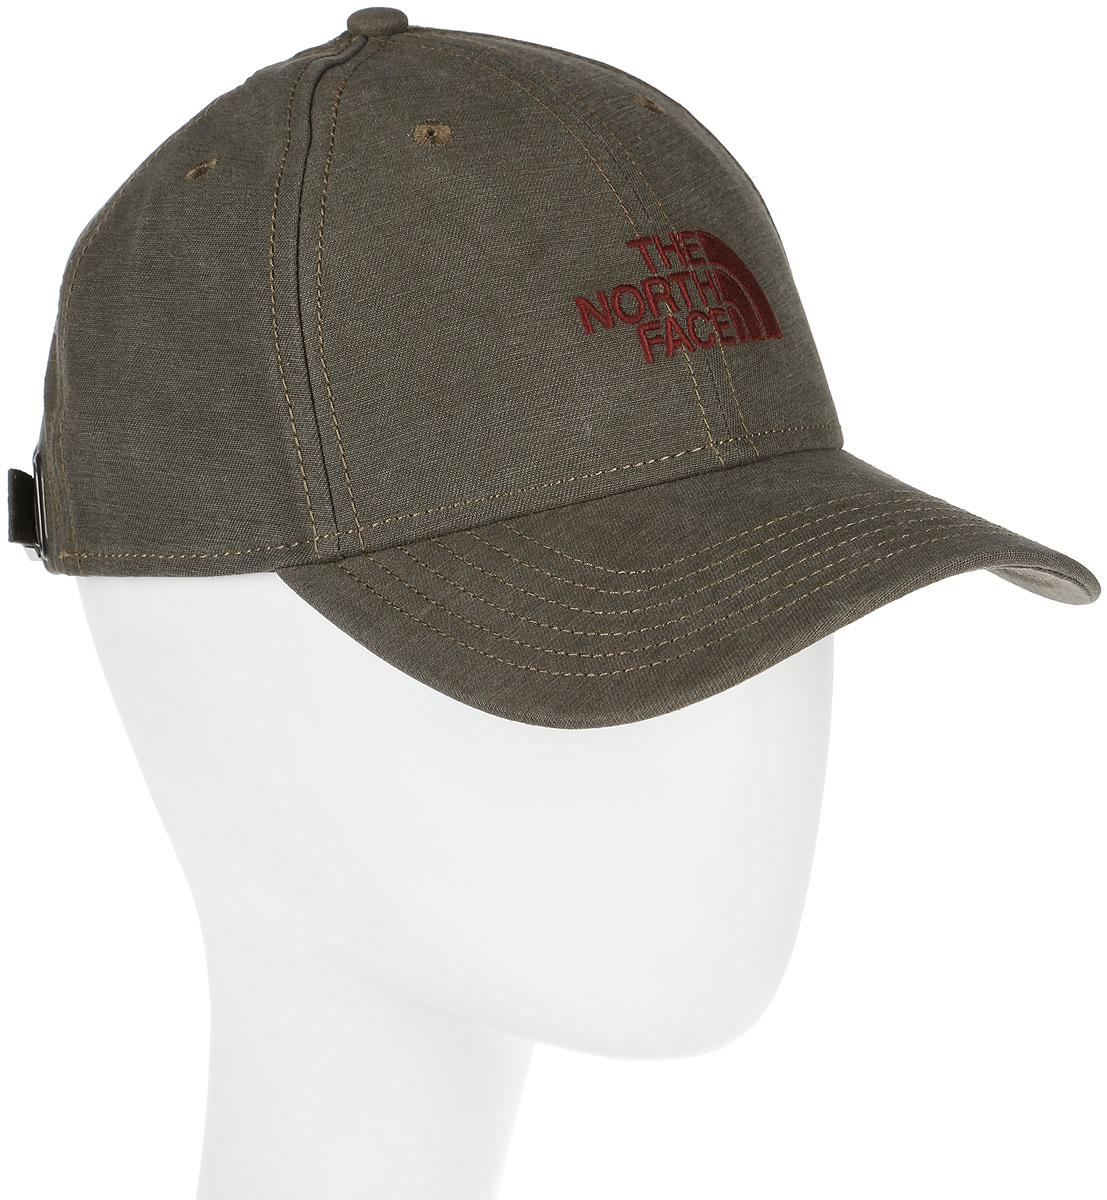 Бейсболка The North Face 66 Classic Hat, цвет: коричневый. T0CF8CNXL. Размер универсальныйT0CF8CNXLБейсболка, выполненная из натурального хлопка, надежно защитит вас от солнца и ветра. Модель имеет классическую конструкцию из шести панелей и специальные вентиляционные отверстия. Изделие оформлено вышивкой с логотипом бренда. Ничто не говорит о настоящем любителе путешествий больше, чем любимая кепка - такая как классическая кепка 66 Classic Hat, выполненная в состаренном винтажном стиле.